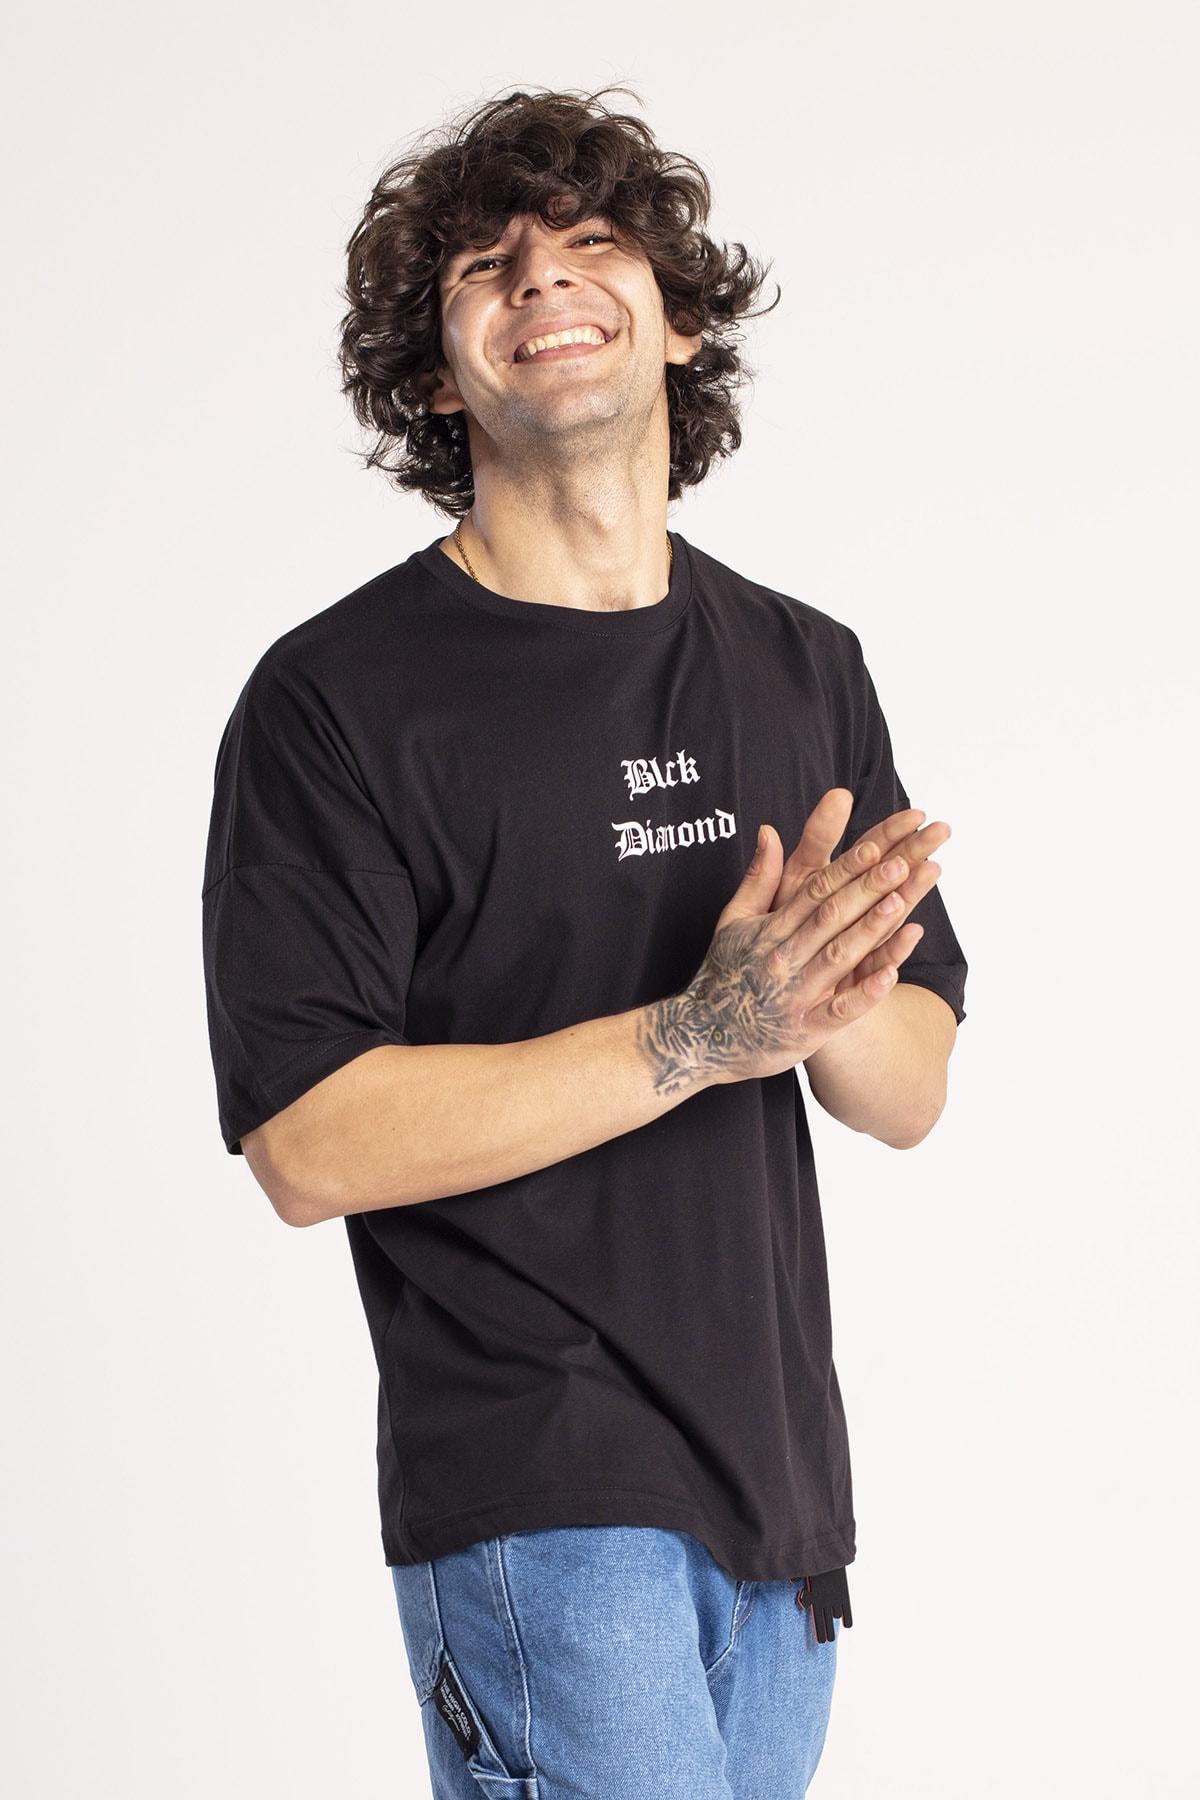 XHAN Siyah Önü & Arkası Baskılı Oversize T-Shirt 1KXE1-44660-02 2